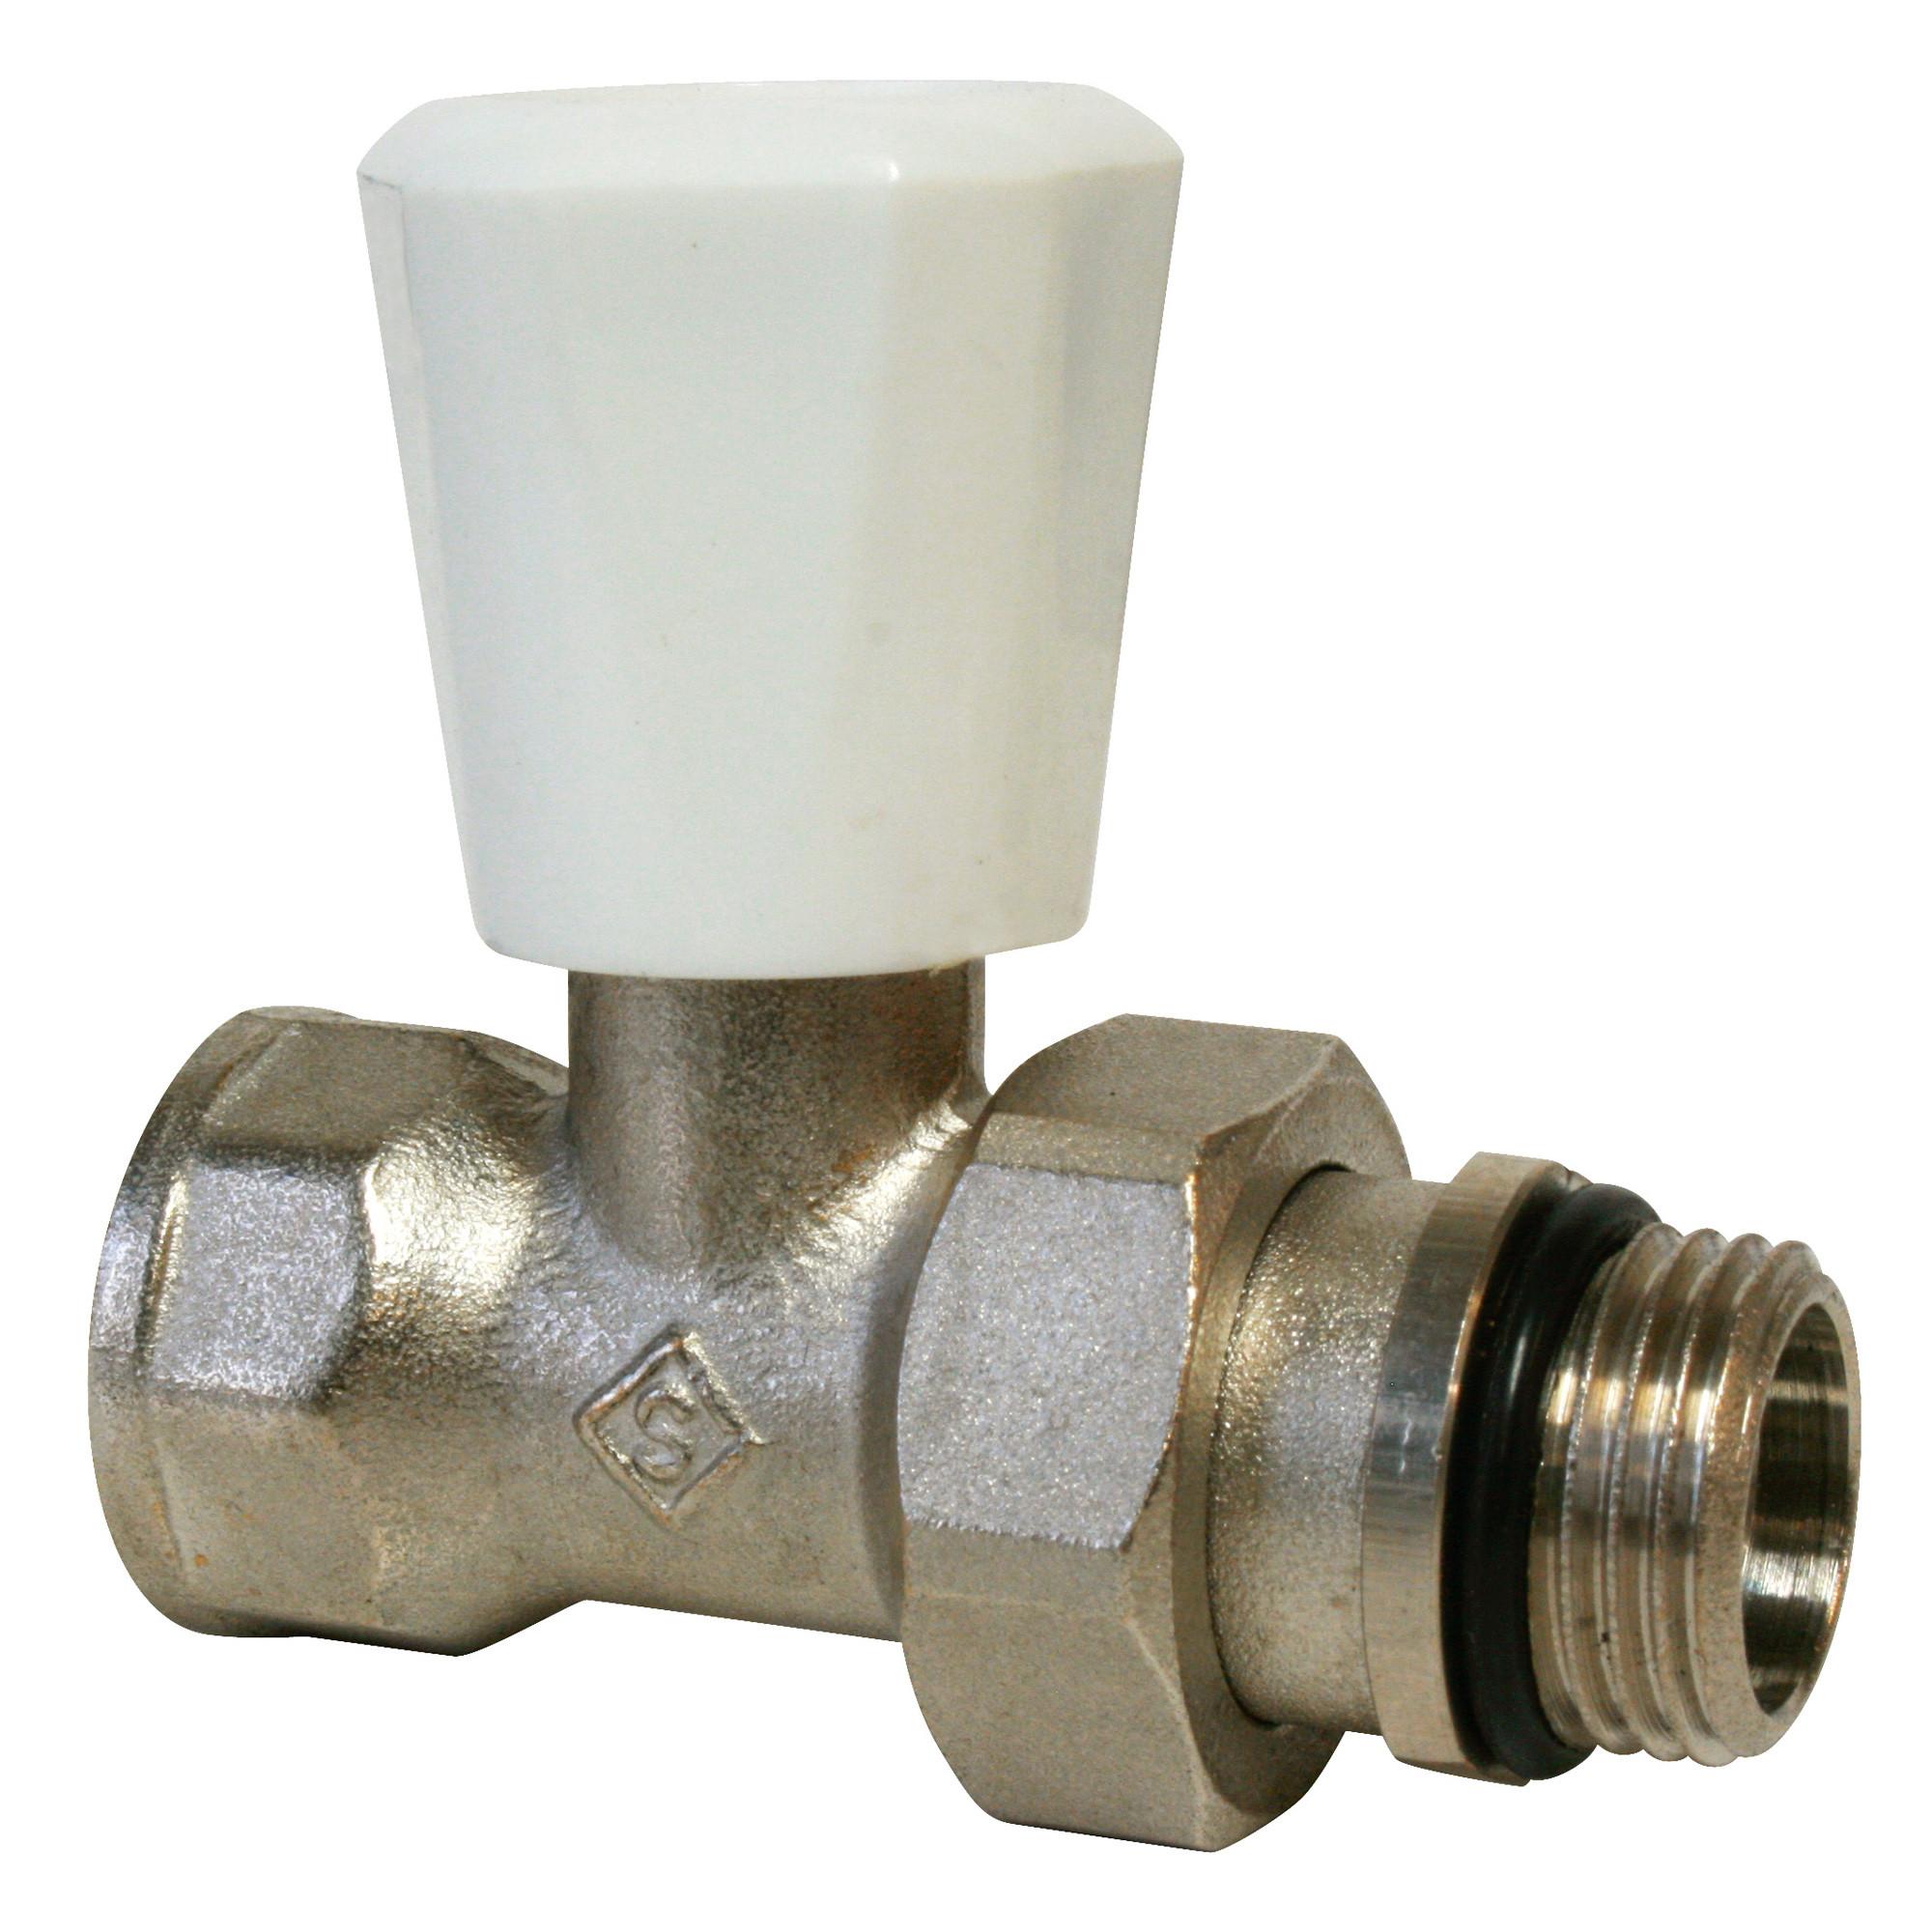 Robinet simple r glage corps droit anjou connectique - Reglage robinet thermostatique ...